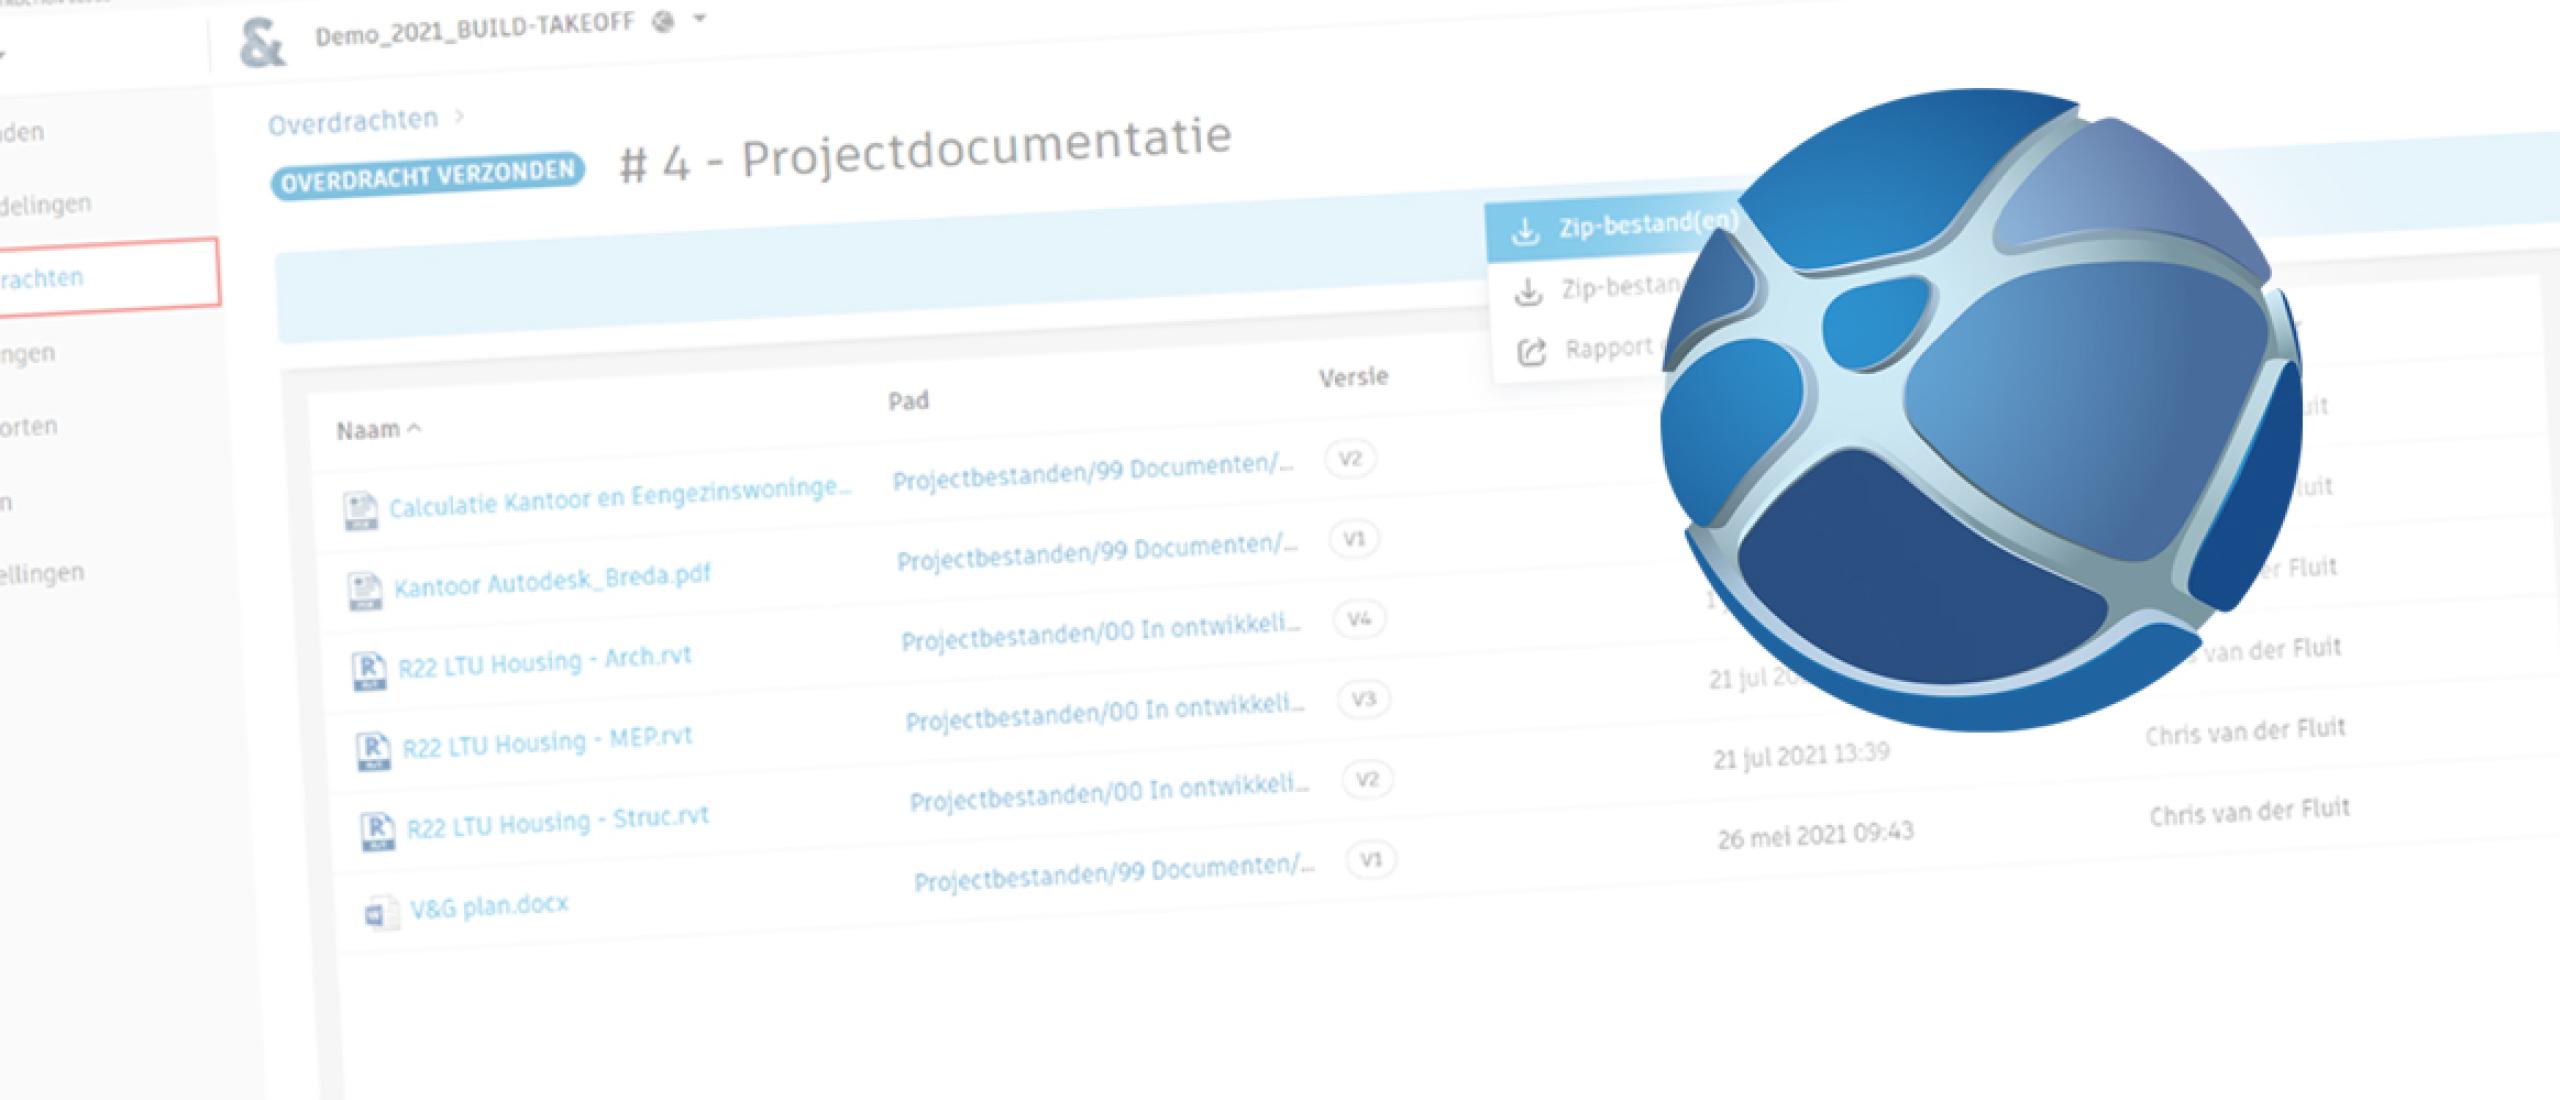 Documentenlijst genereren van je gedeelde bestanden in de Autodesk Construction Cloud